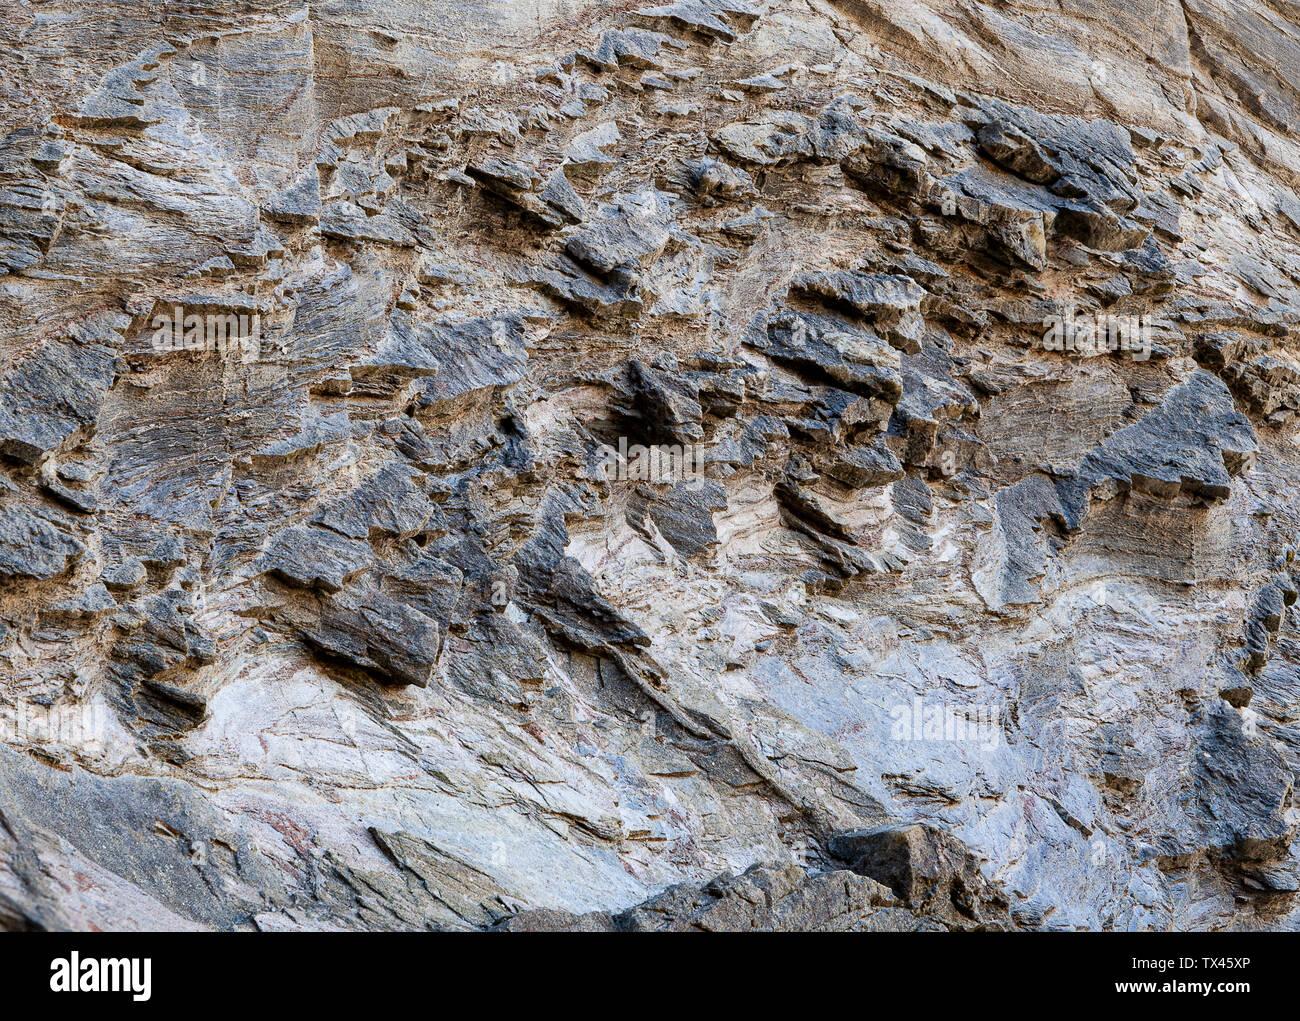 La superficie della parete rocciosa con durezze differenti in cui i pezzi di roccia più dura stare fuori formando slienties. Può essere utilizzato come sfondo. Foto Stock